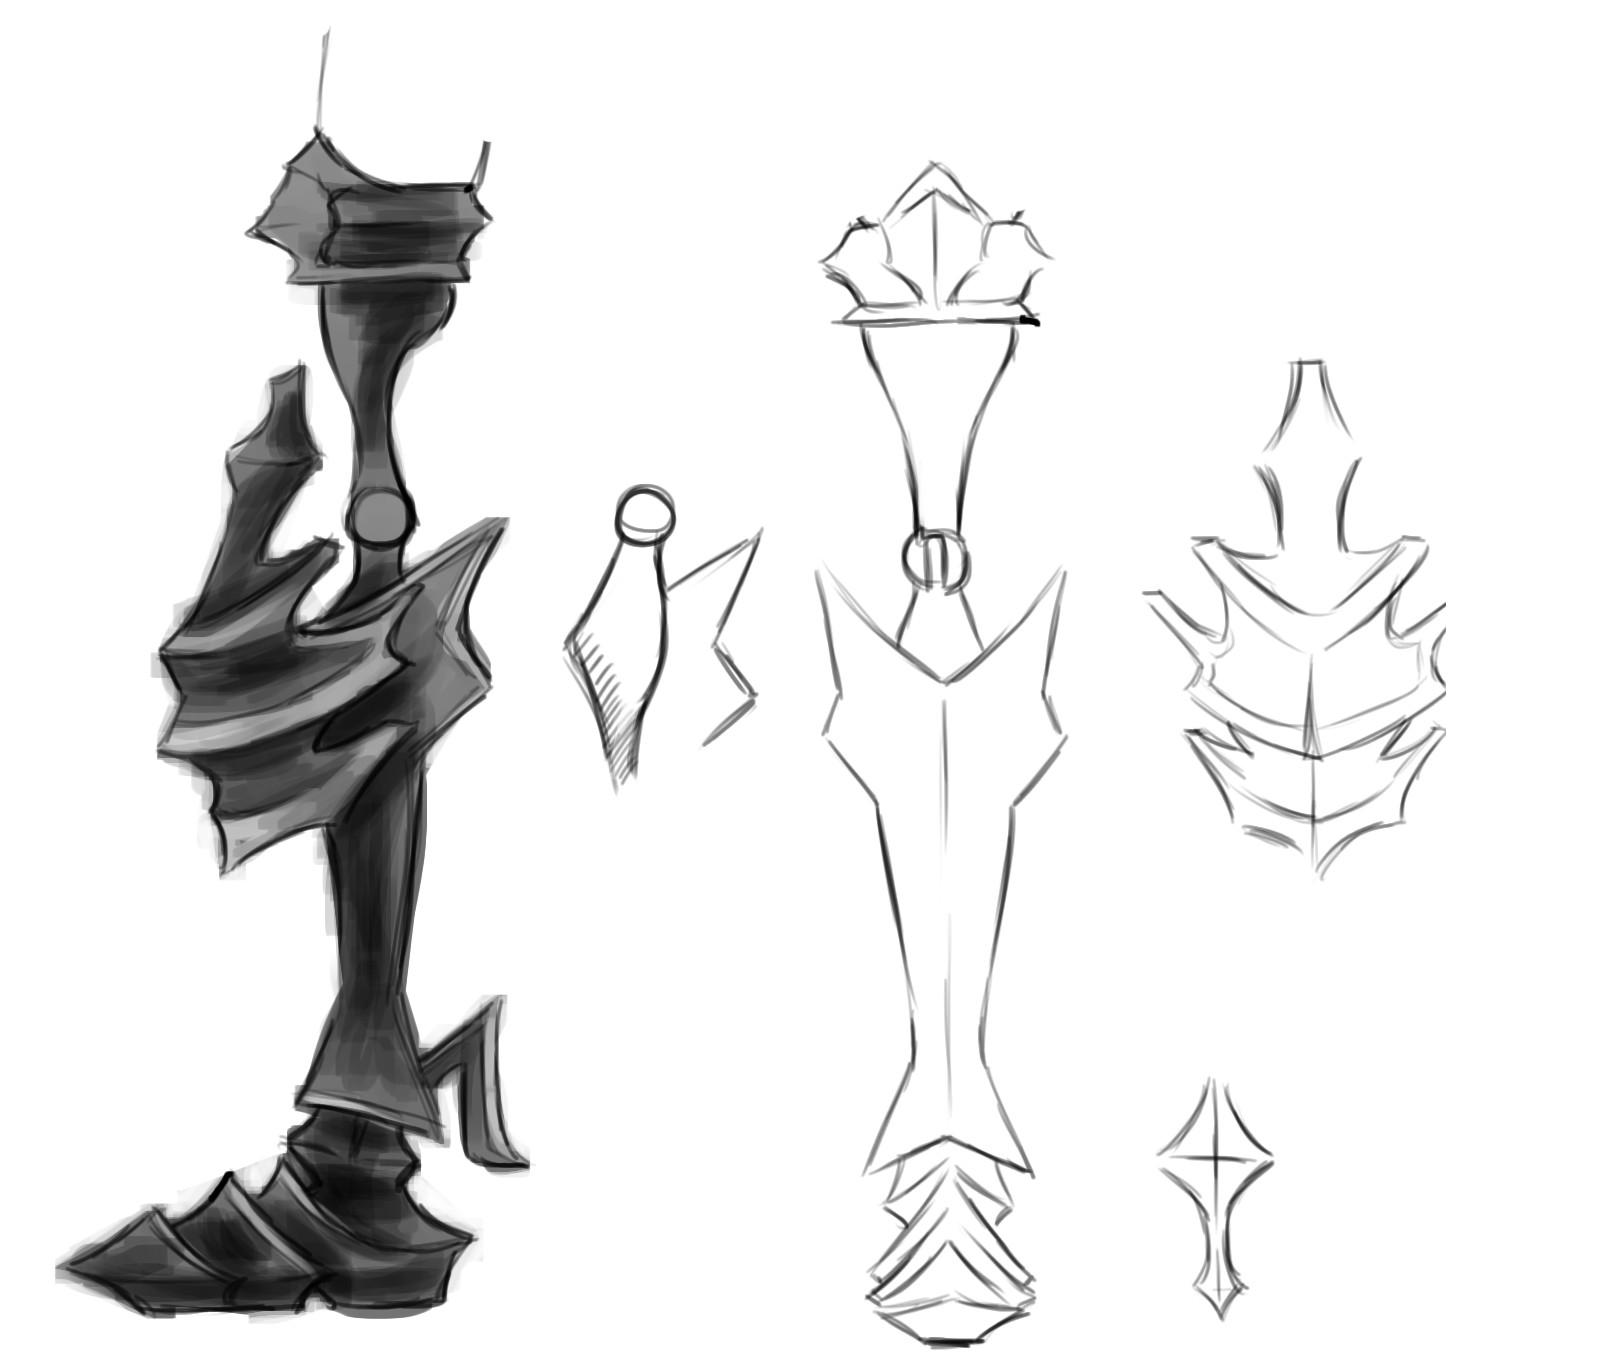 Mech Leg Concept